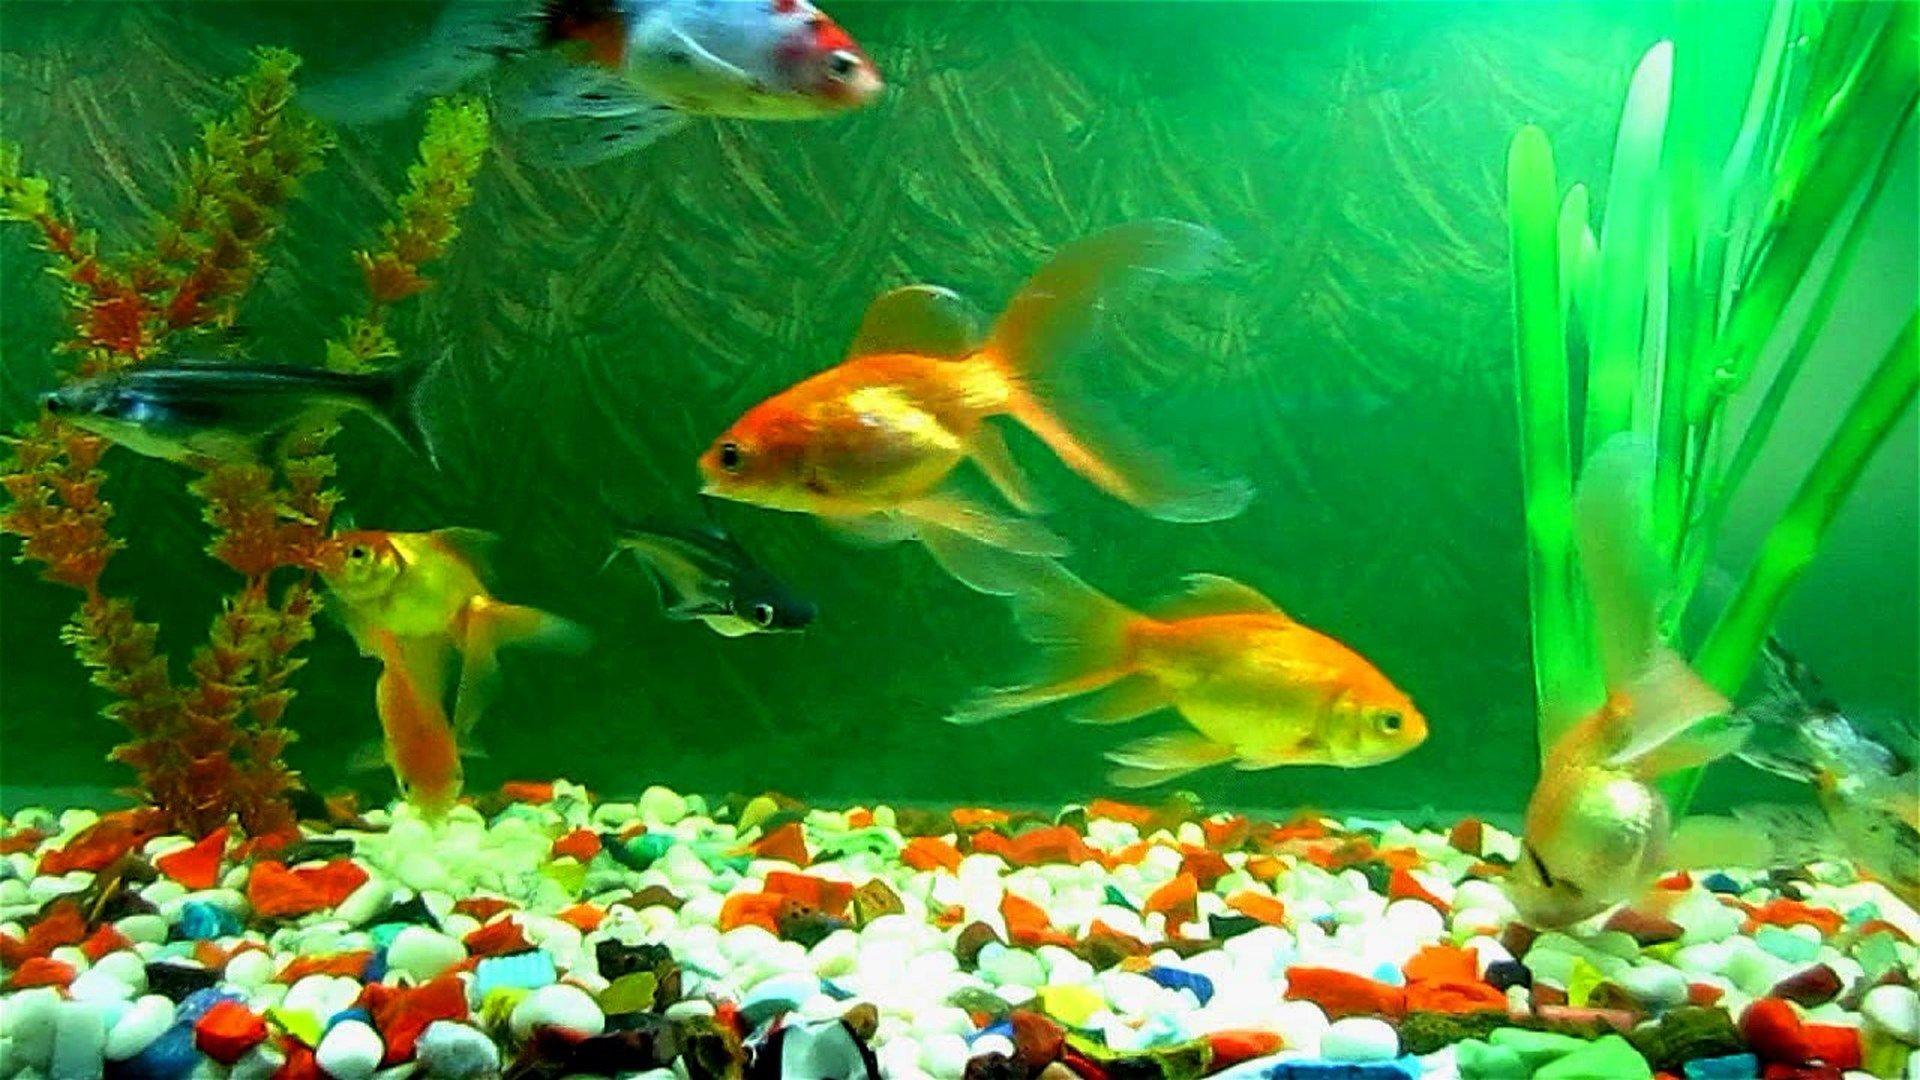 Fish Aquarium Wallpapers Wallpaper Cave